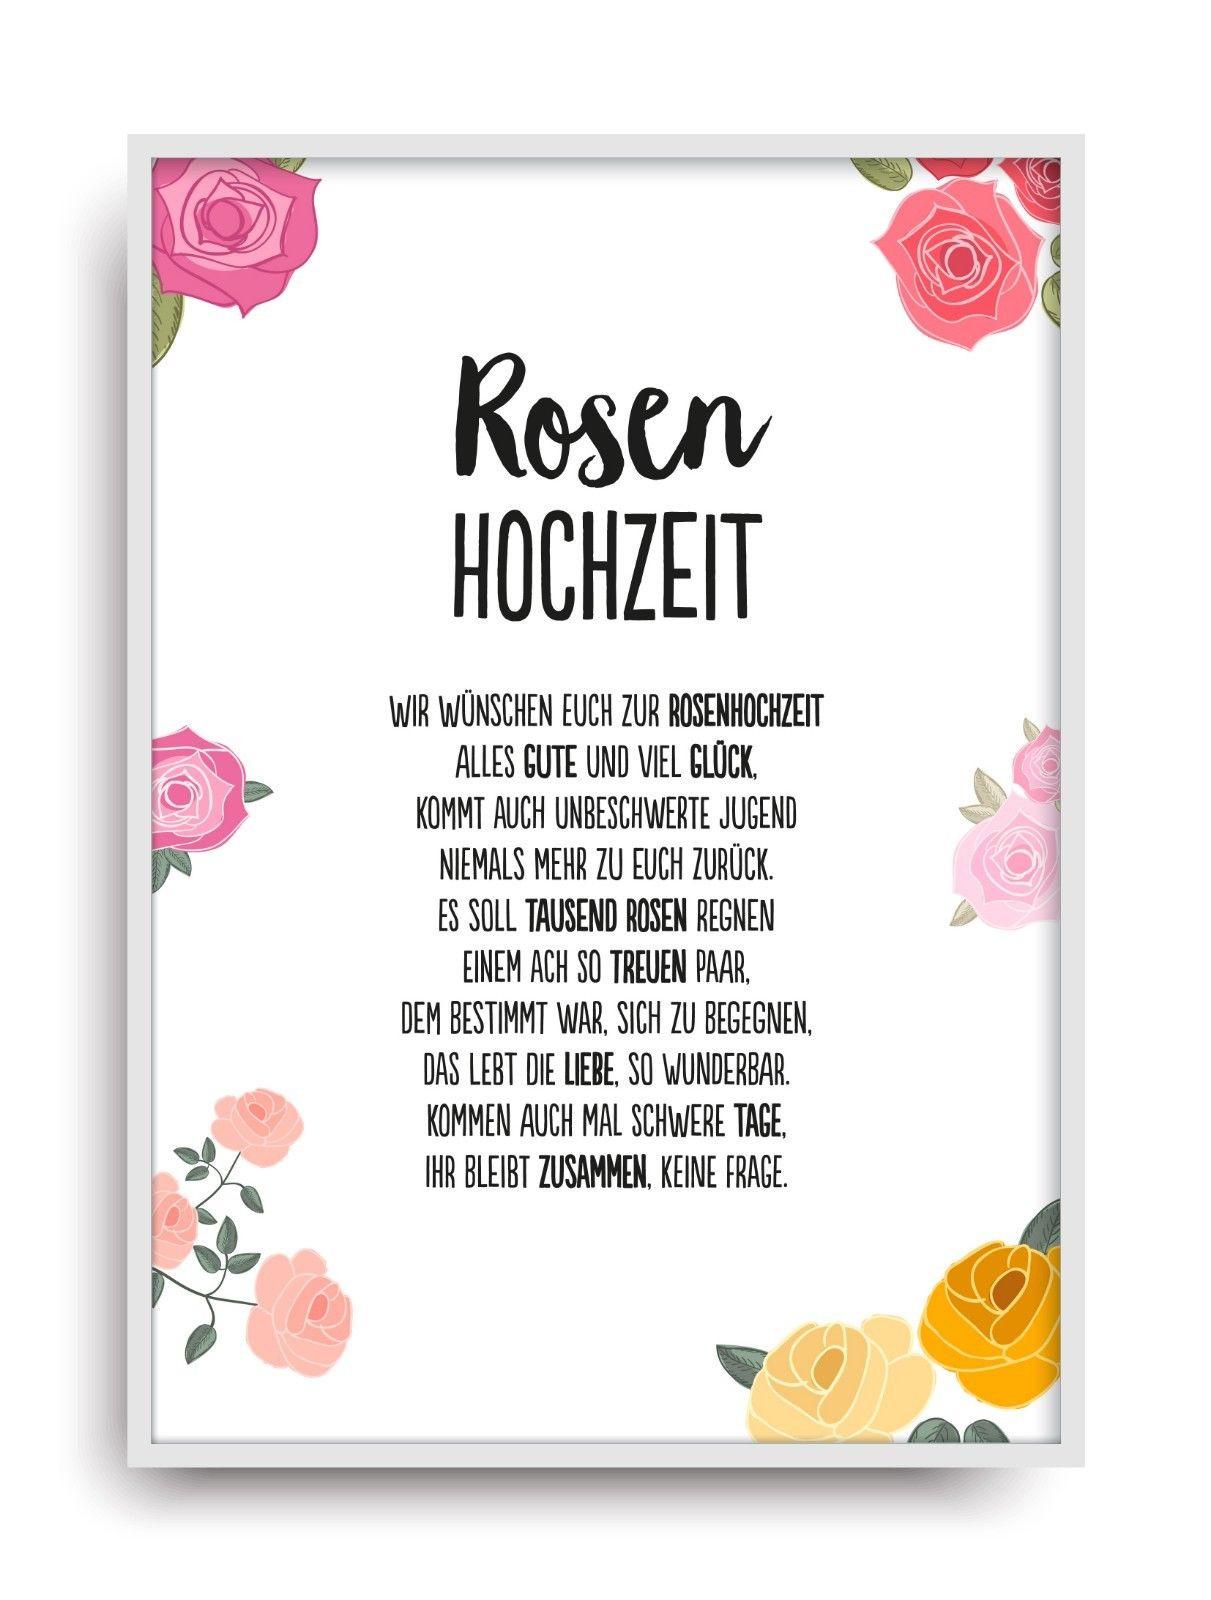 Geschenke Zur Rosenhochzeit  Charmant Eisen Hochzeitstag Geschenke Ideen Brautkleider